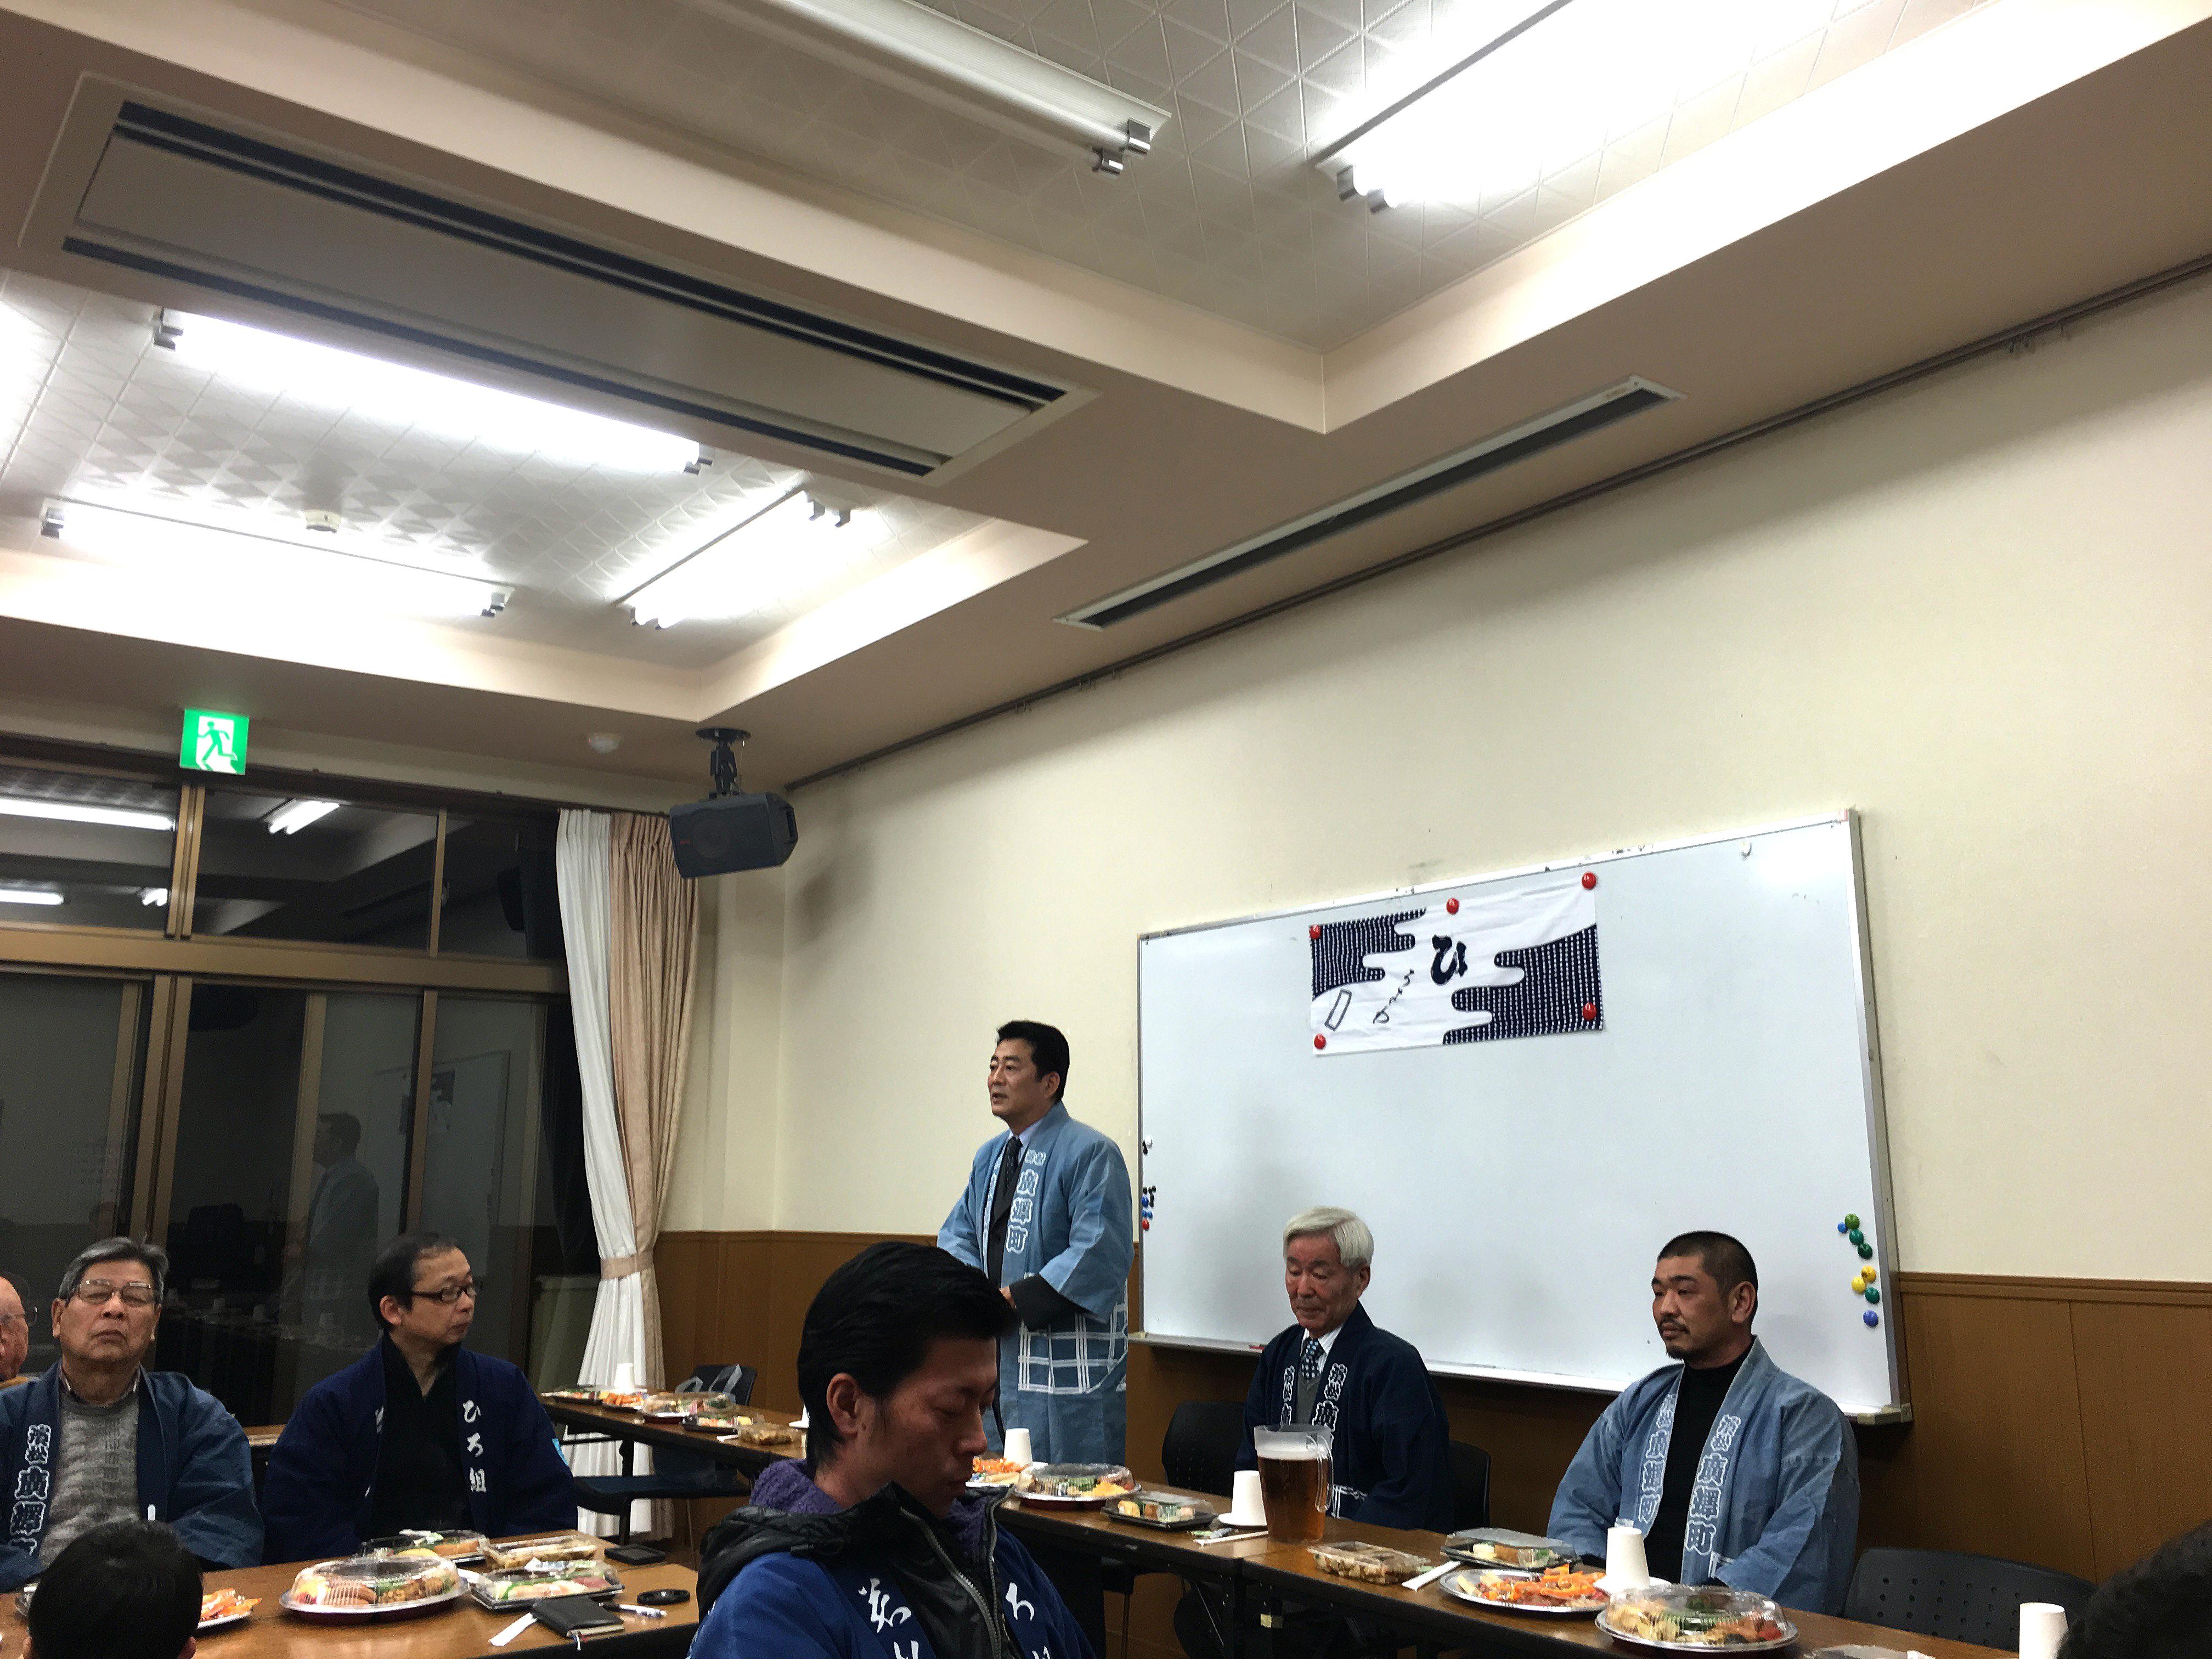 平成28年度広沢町凧揚会ひ組発会式 静岡県議会議員 竹内良訓氏ご挨拶